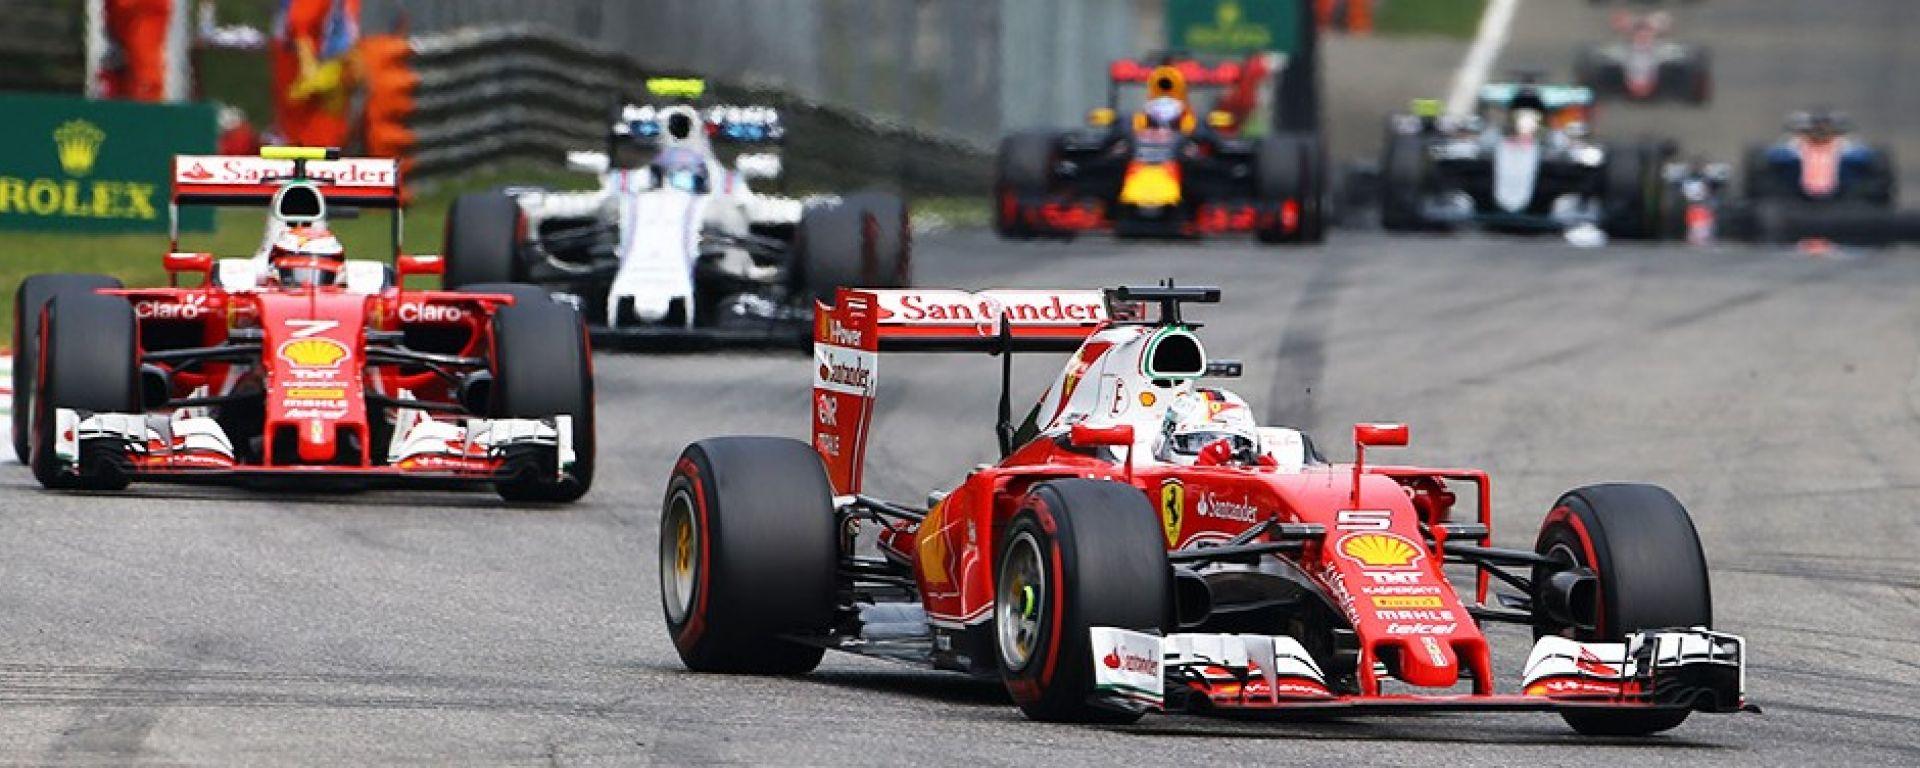 F1 2018: in vendita i biglietti per il Gran Premio d'Italia